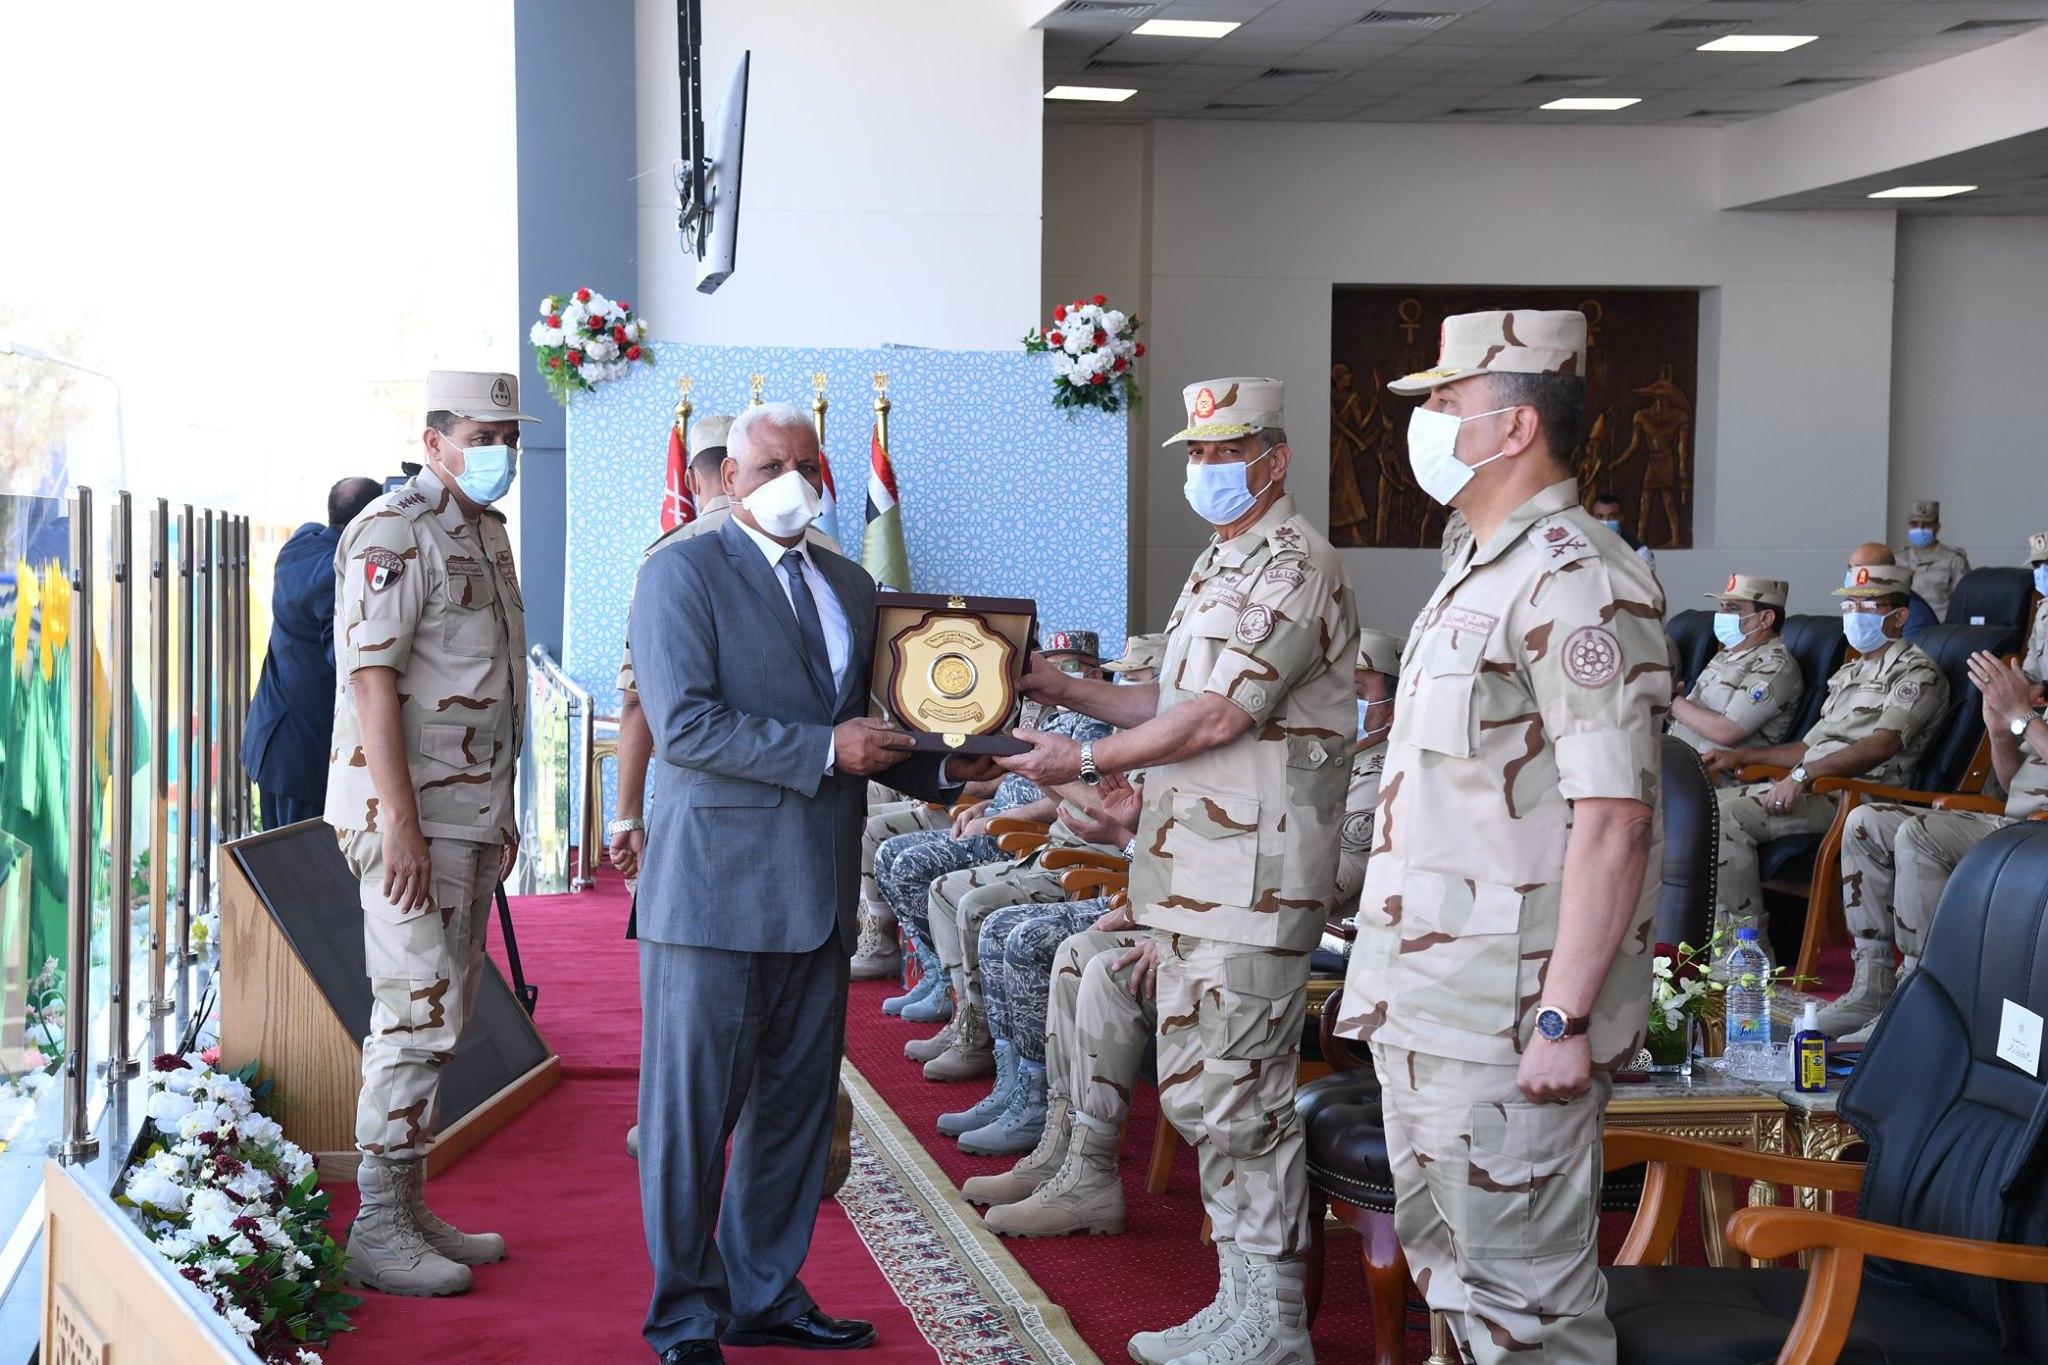 صور | وزير الدفاع يشهد الاحتفال بتخريج دفعات جديدة من المعاهد الصحية